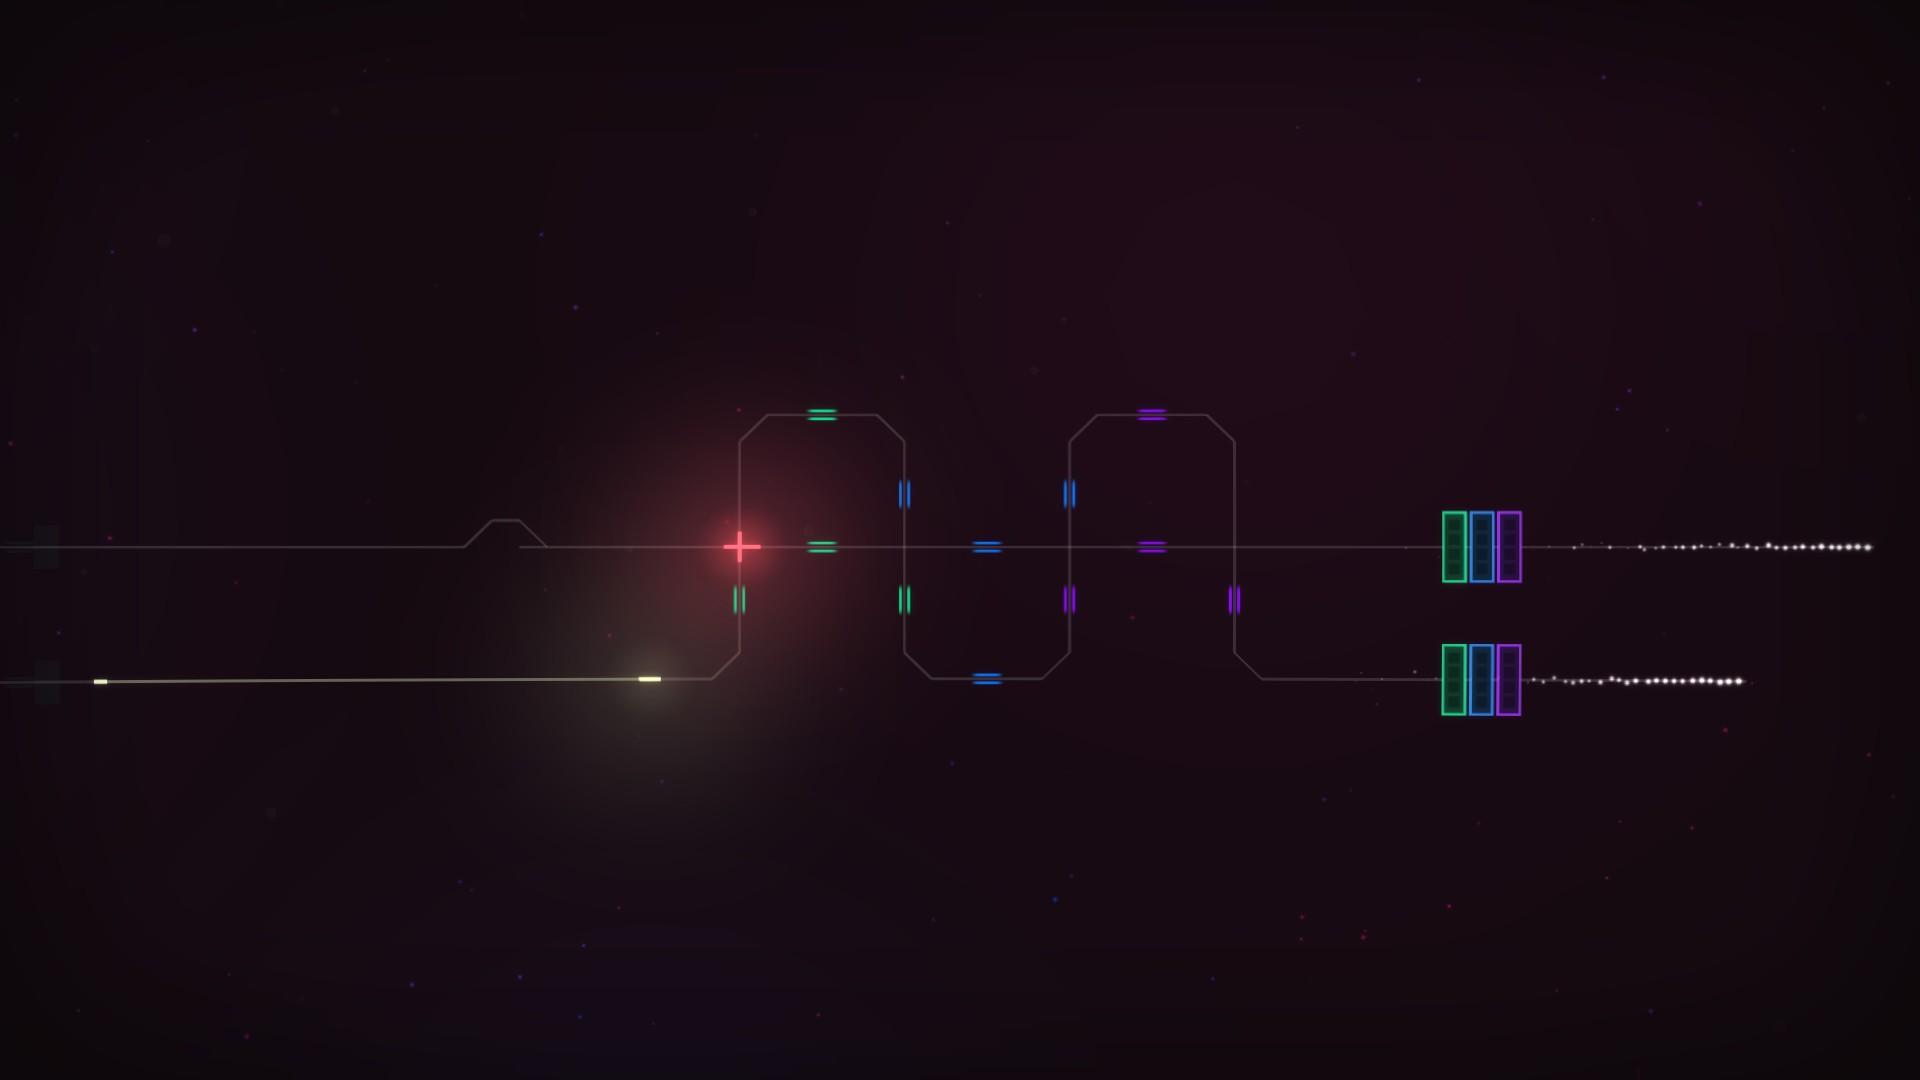 Linelight - perfektní logická hra s nezapomenutelnou atmosférou 12984